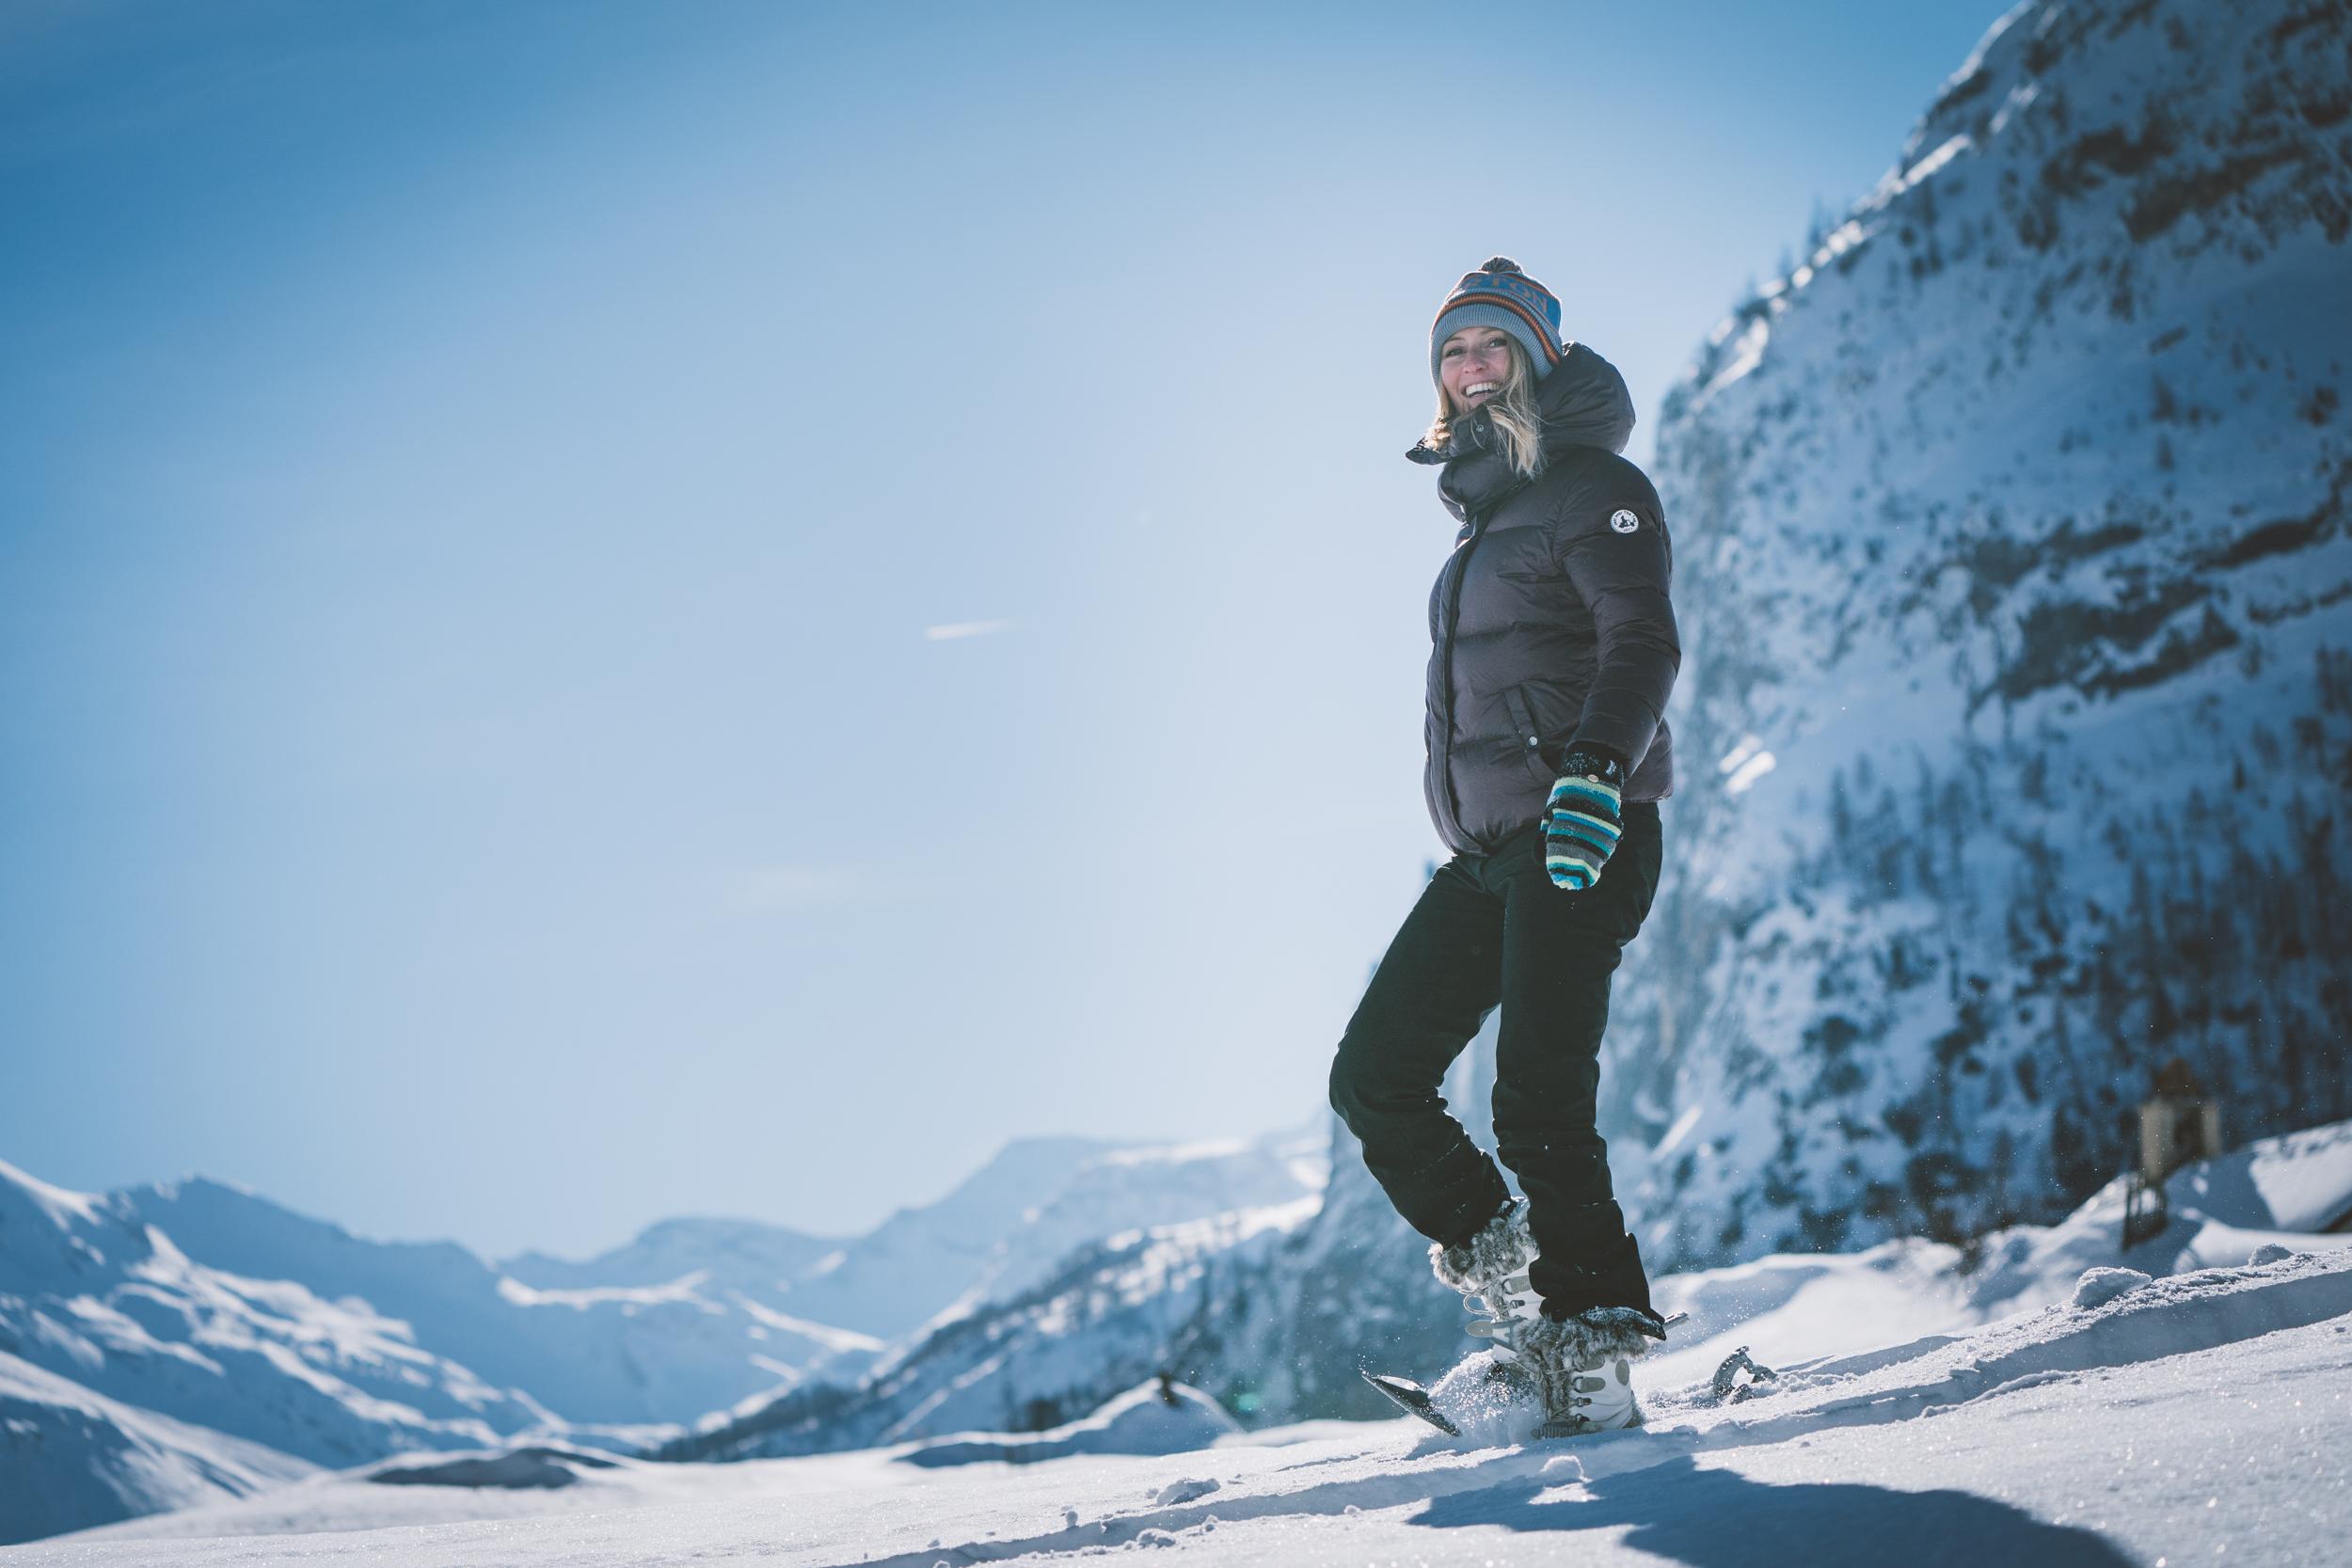 Infrarouge Val d'Isère 2019_Florian Léger_SHARE & DARE-100.jpg